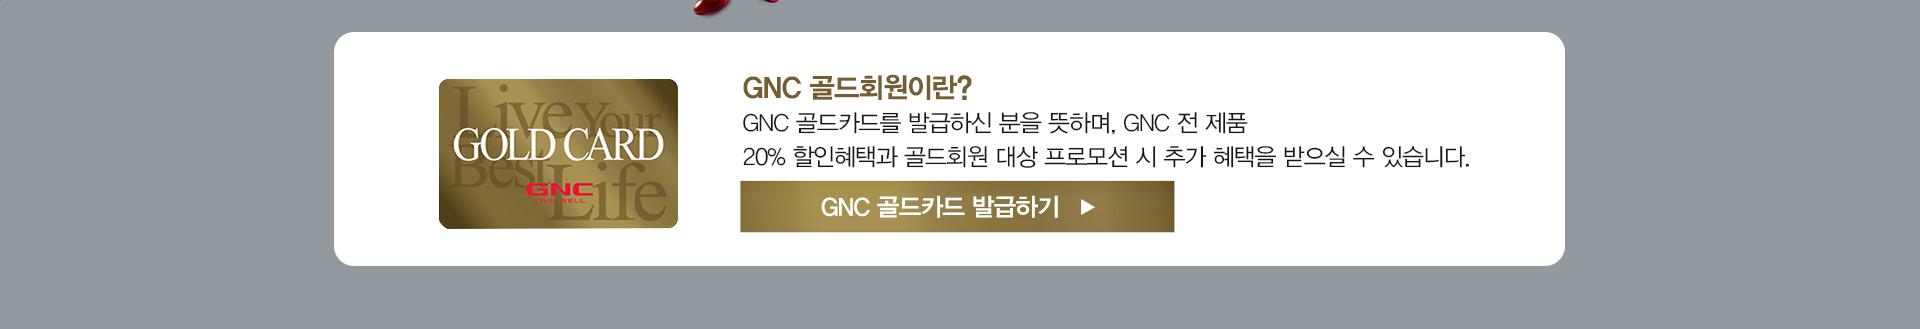 * 골드회원이란? GNC 골드카드를 발급하신 분을 뜻하며, GNC 전 제품 20% 할인혜택과 골드회원 대상 프로모션 시 추가 혜택을 받으실 수 있습니다. GNC 골드카드 발급하기